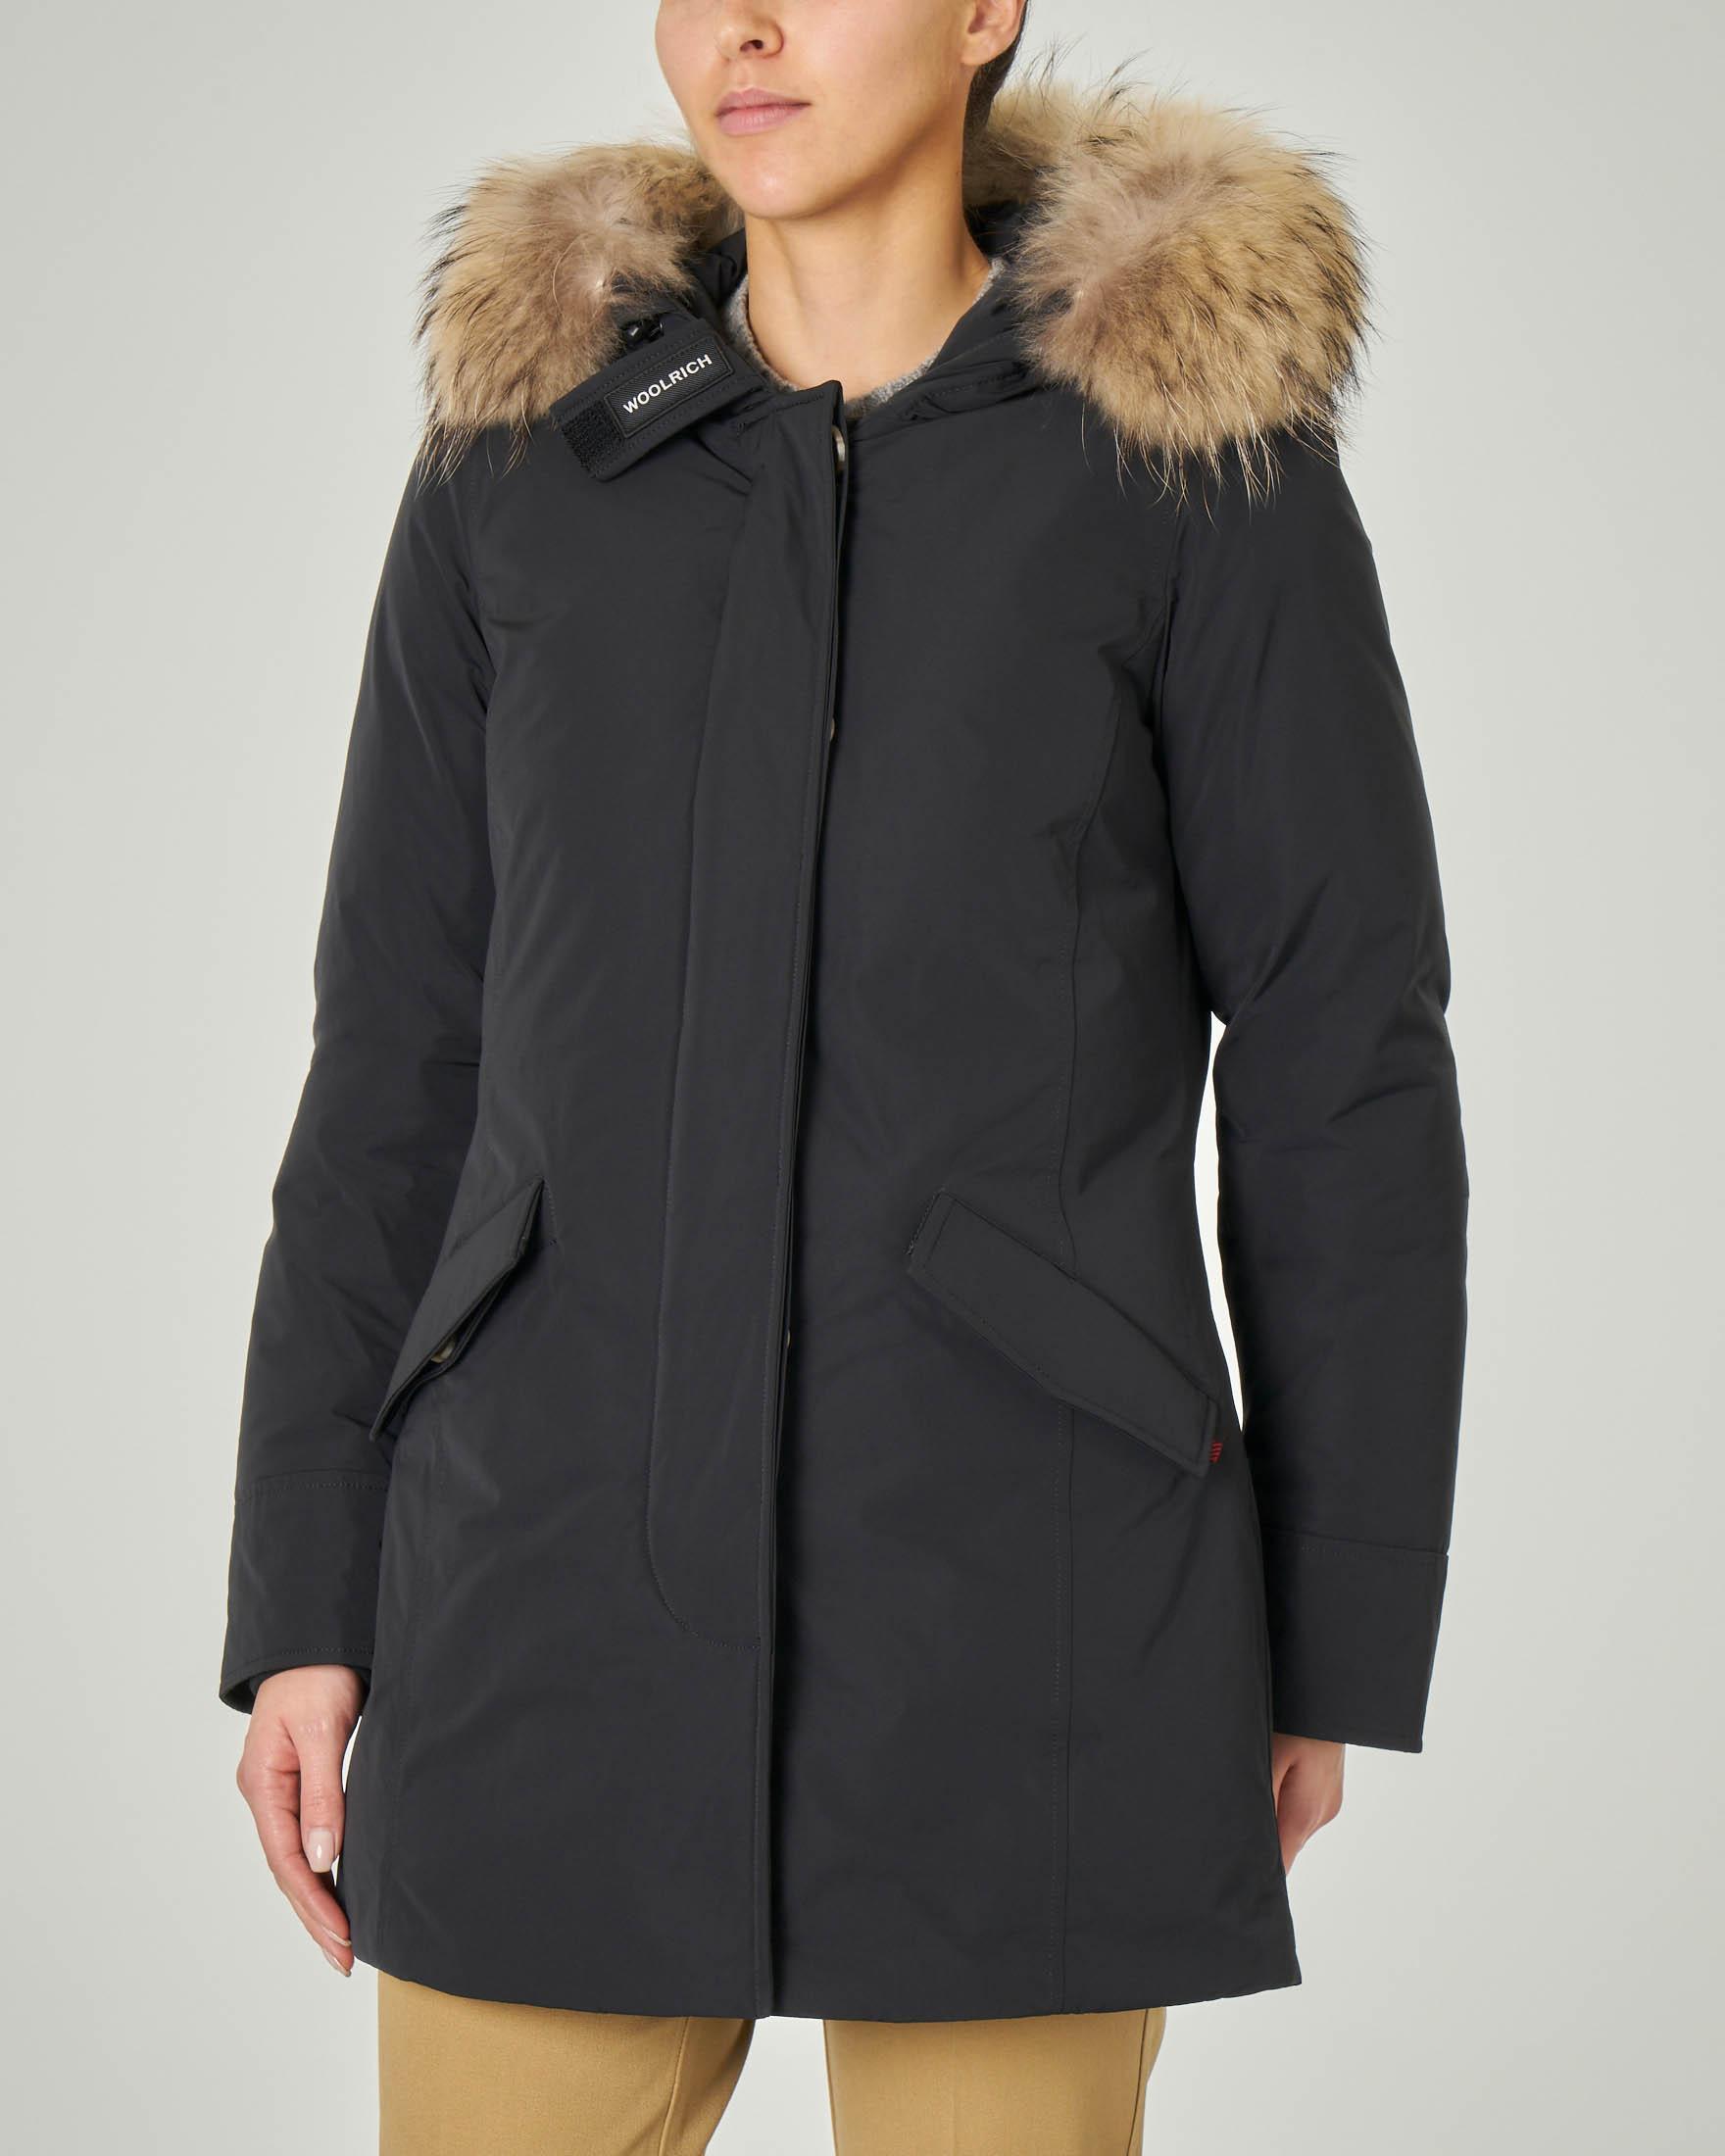 W'S Luxury Arctic Parka nero con cappuccio con bordatura in pelliccia staccabile